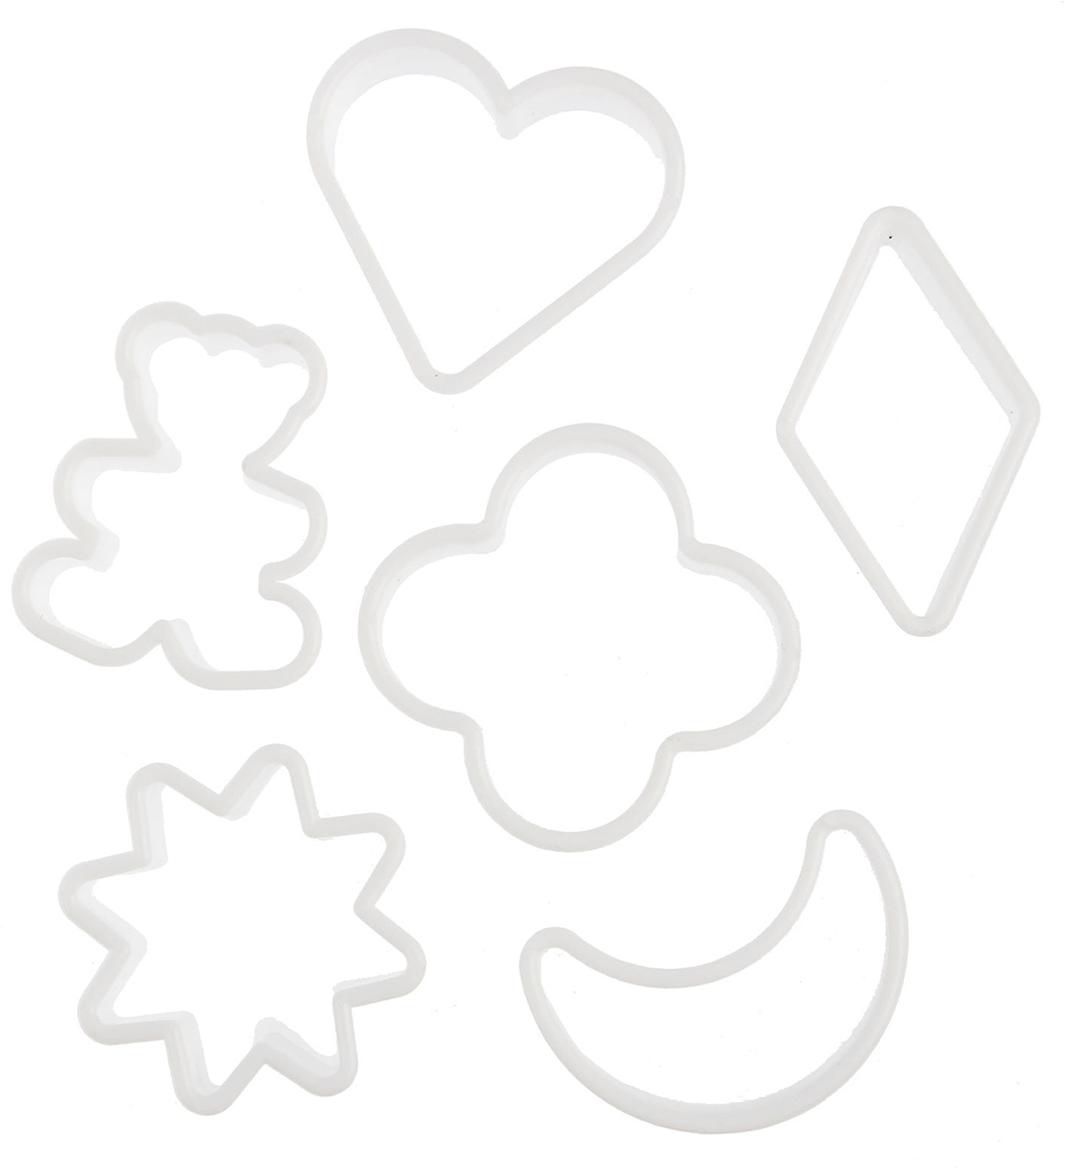 Набор форм для вырезания печенья Доляна, 5,5 х 5 х 2 см, 6 шт1045251От качества посуды зависит не только вкус еды, но и здоровье человека. Набор форм для вырезания печенья 5,5х5х2 см, 6 шт — товар, соответствующий российским стандартам качества. Любой хозяйке будет приятно держать его в руках. С нашей посудой и кухонной утварью приготовление еды и сервировка стола превратятся в настоящий праздник.